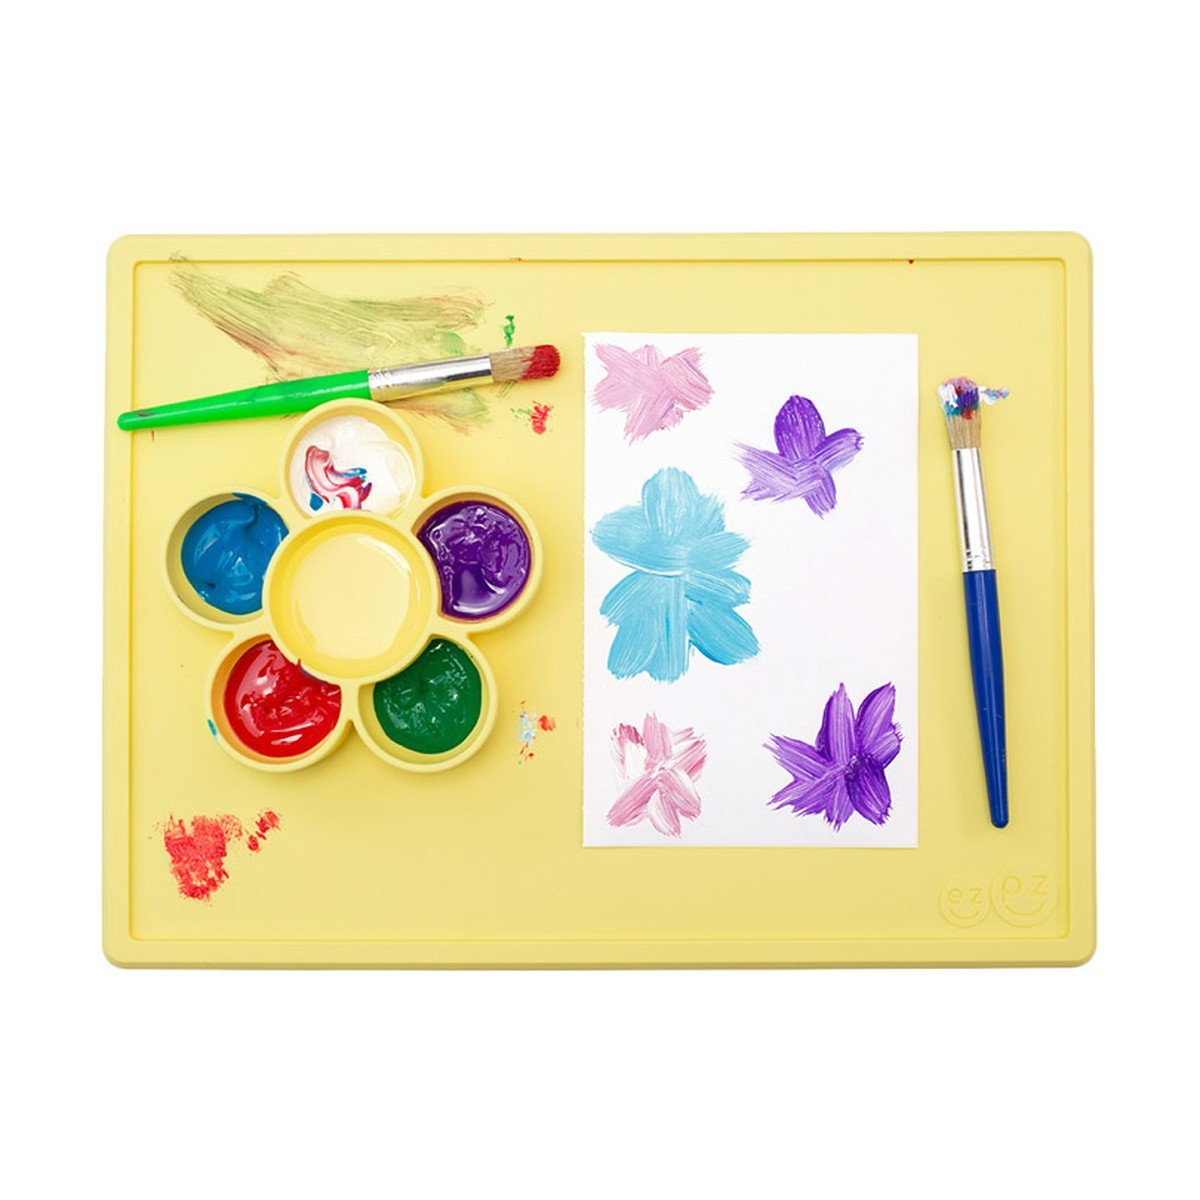 Плеймат ezpz - Play Mat